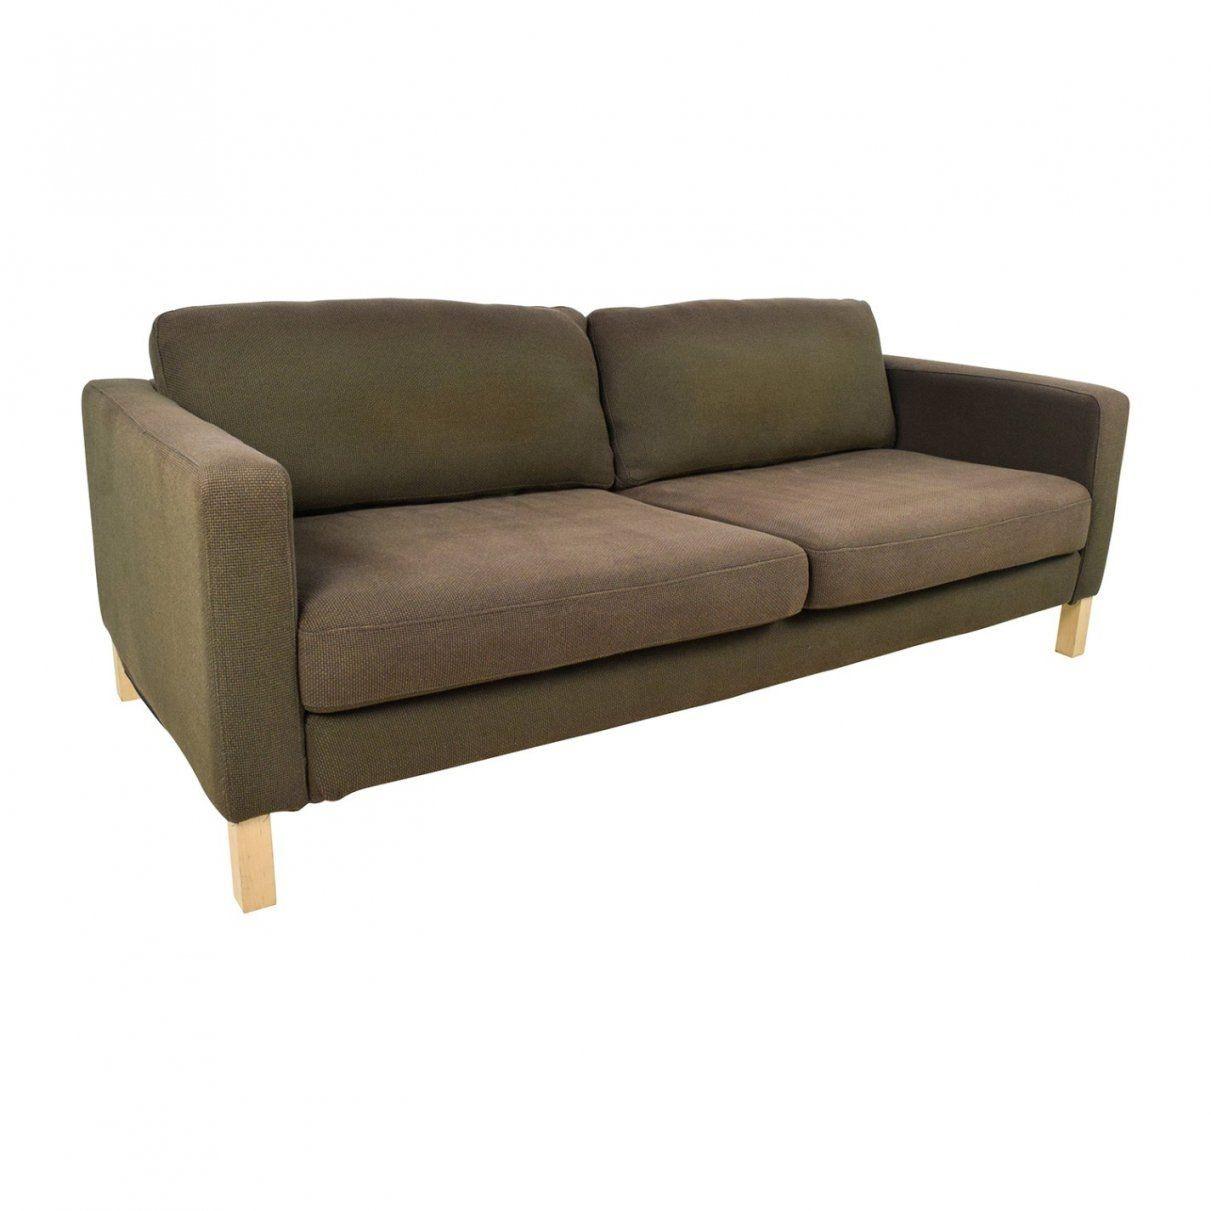 Ikea Sofa Mit Schlaffunktion 2 Sitzer Mit Schlaffunktion Homely 2 von Ikea Sofa Mit Schlaffunktion Bild